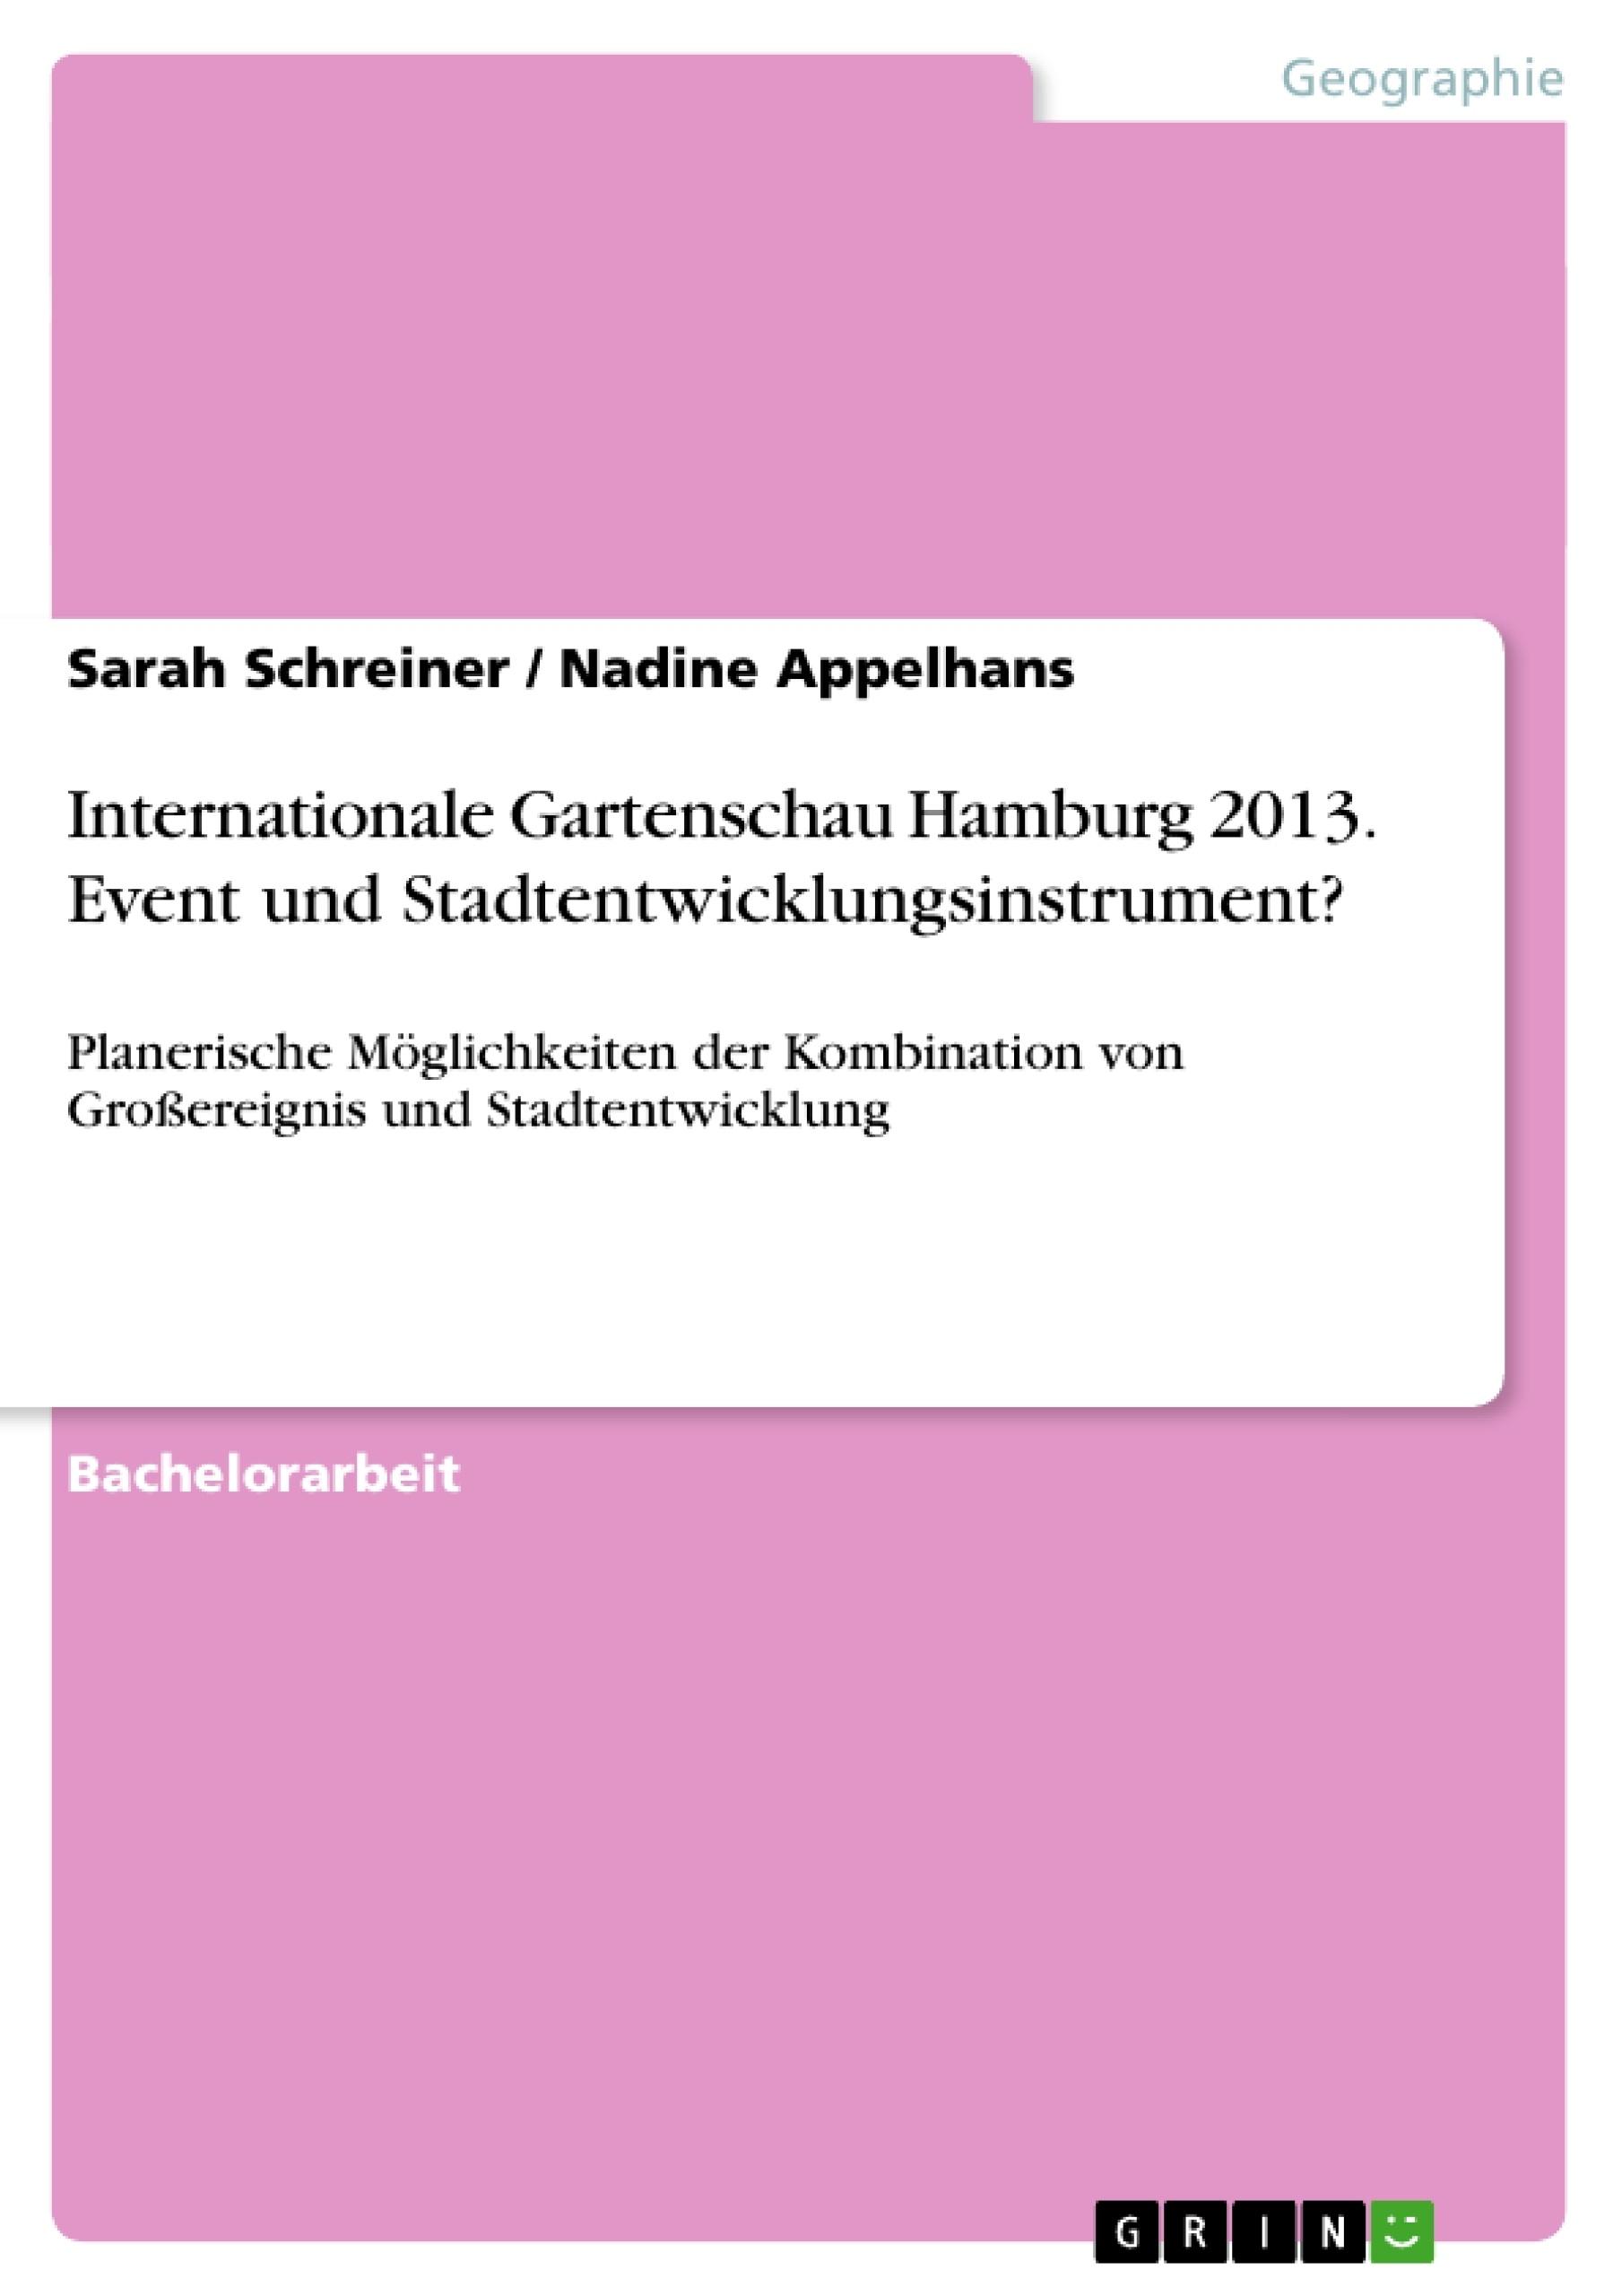 Titel: Internationale Gartenschau Hamburg 2013. Event und Stadtentwicklungsinstrument?